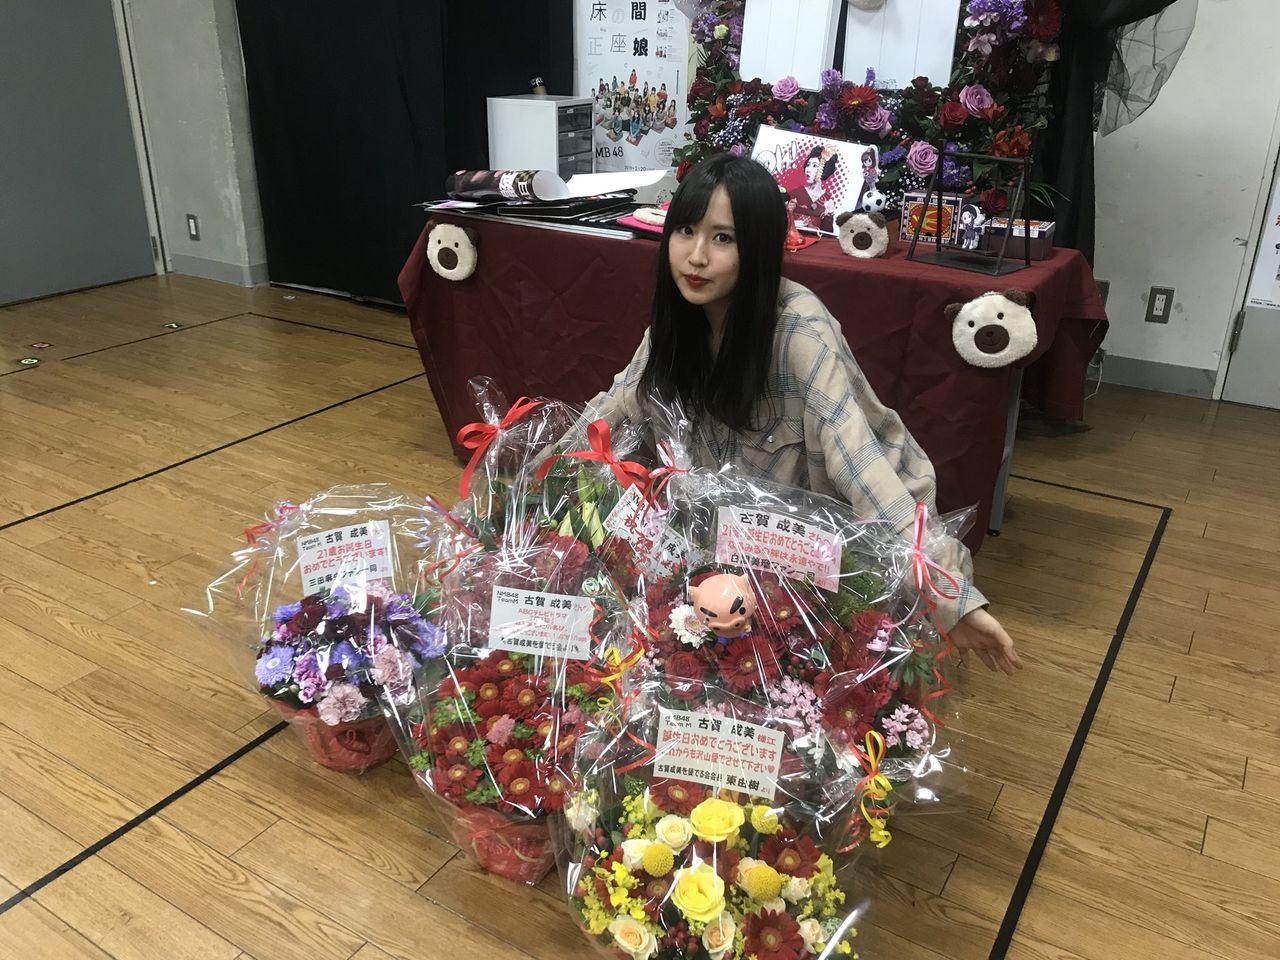 【NMB48】東由樹さん、メンバーの生誕祭に花束を贈ってしまうw